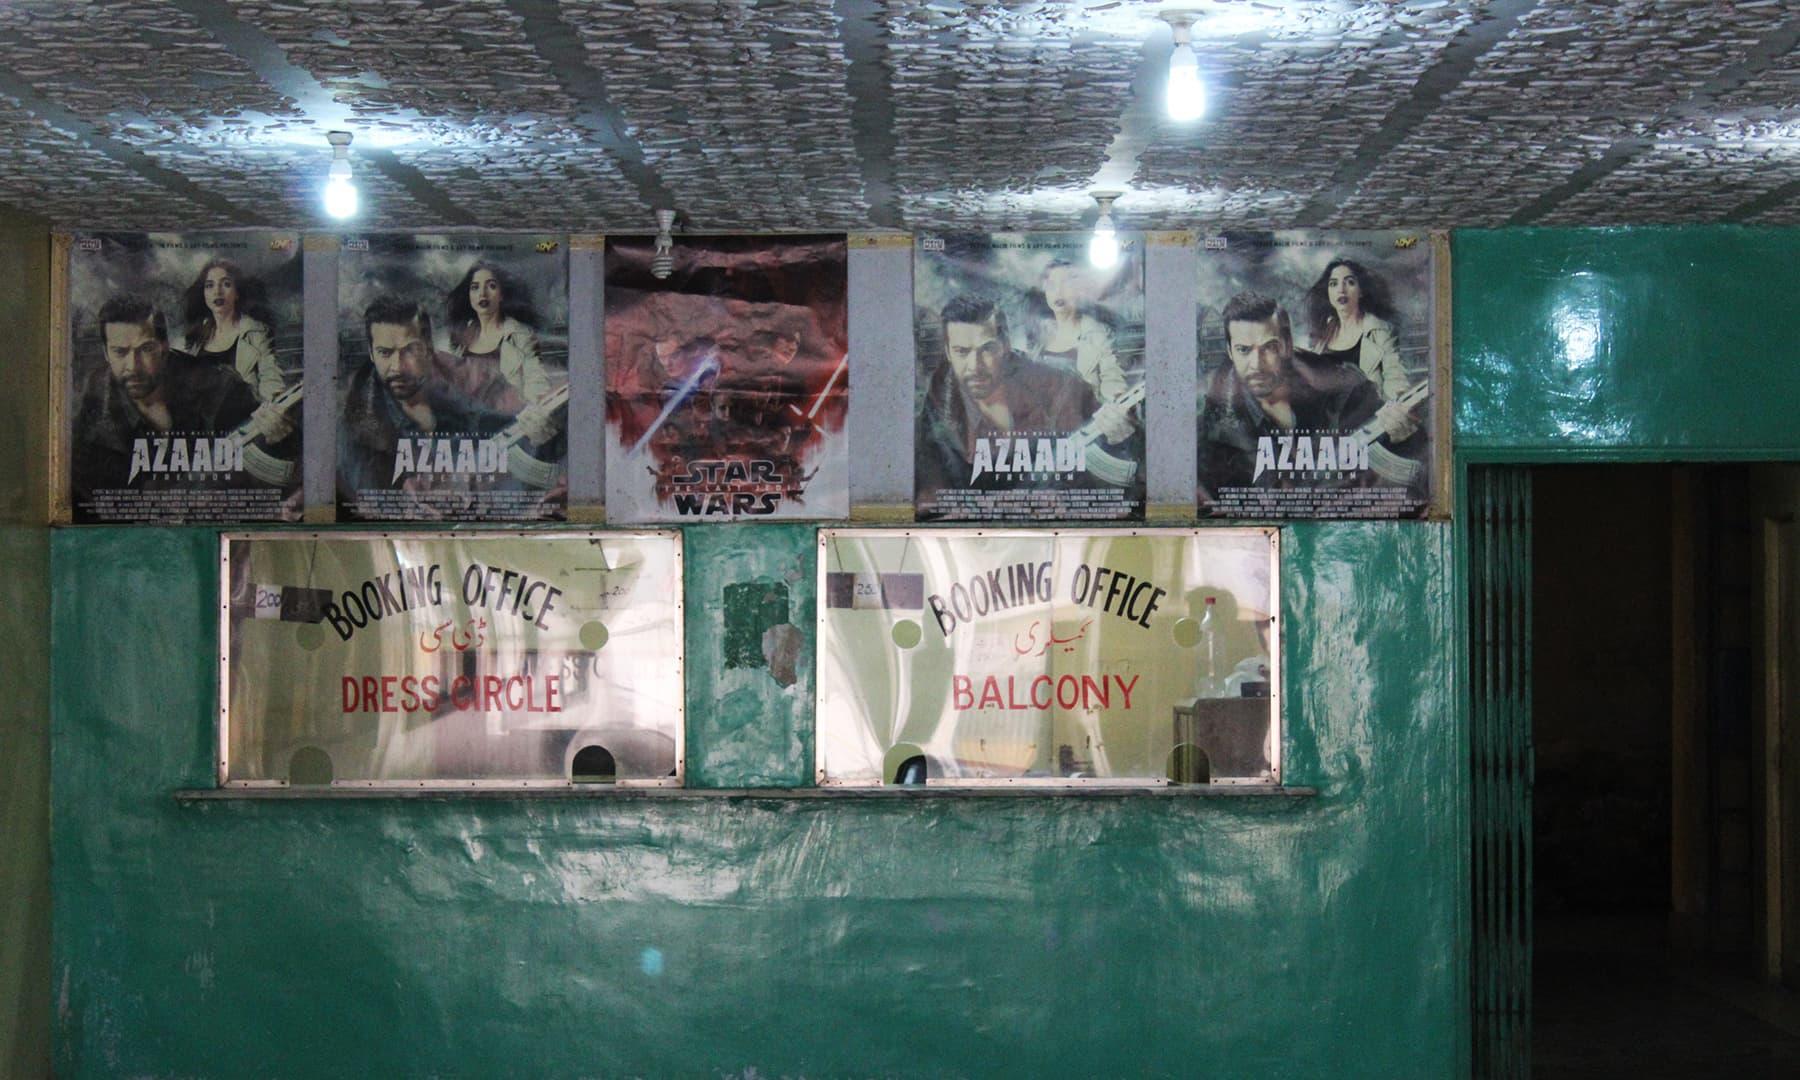 کسی وقت میں بمبینو کے پاس 3 سے 4 پوسٹر بنانے والے پینٹرز تھے مگر آج اس سنیما میں ایک بھی ایسا پینٹر نہیں ہے—تصویر اختر حفیظ